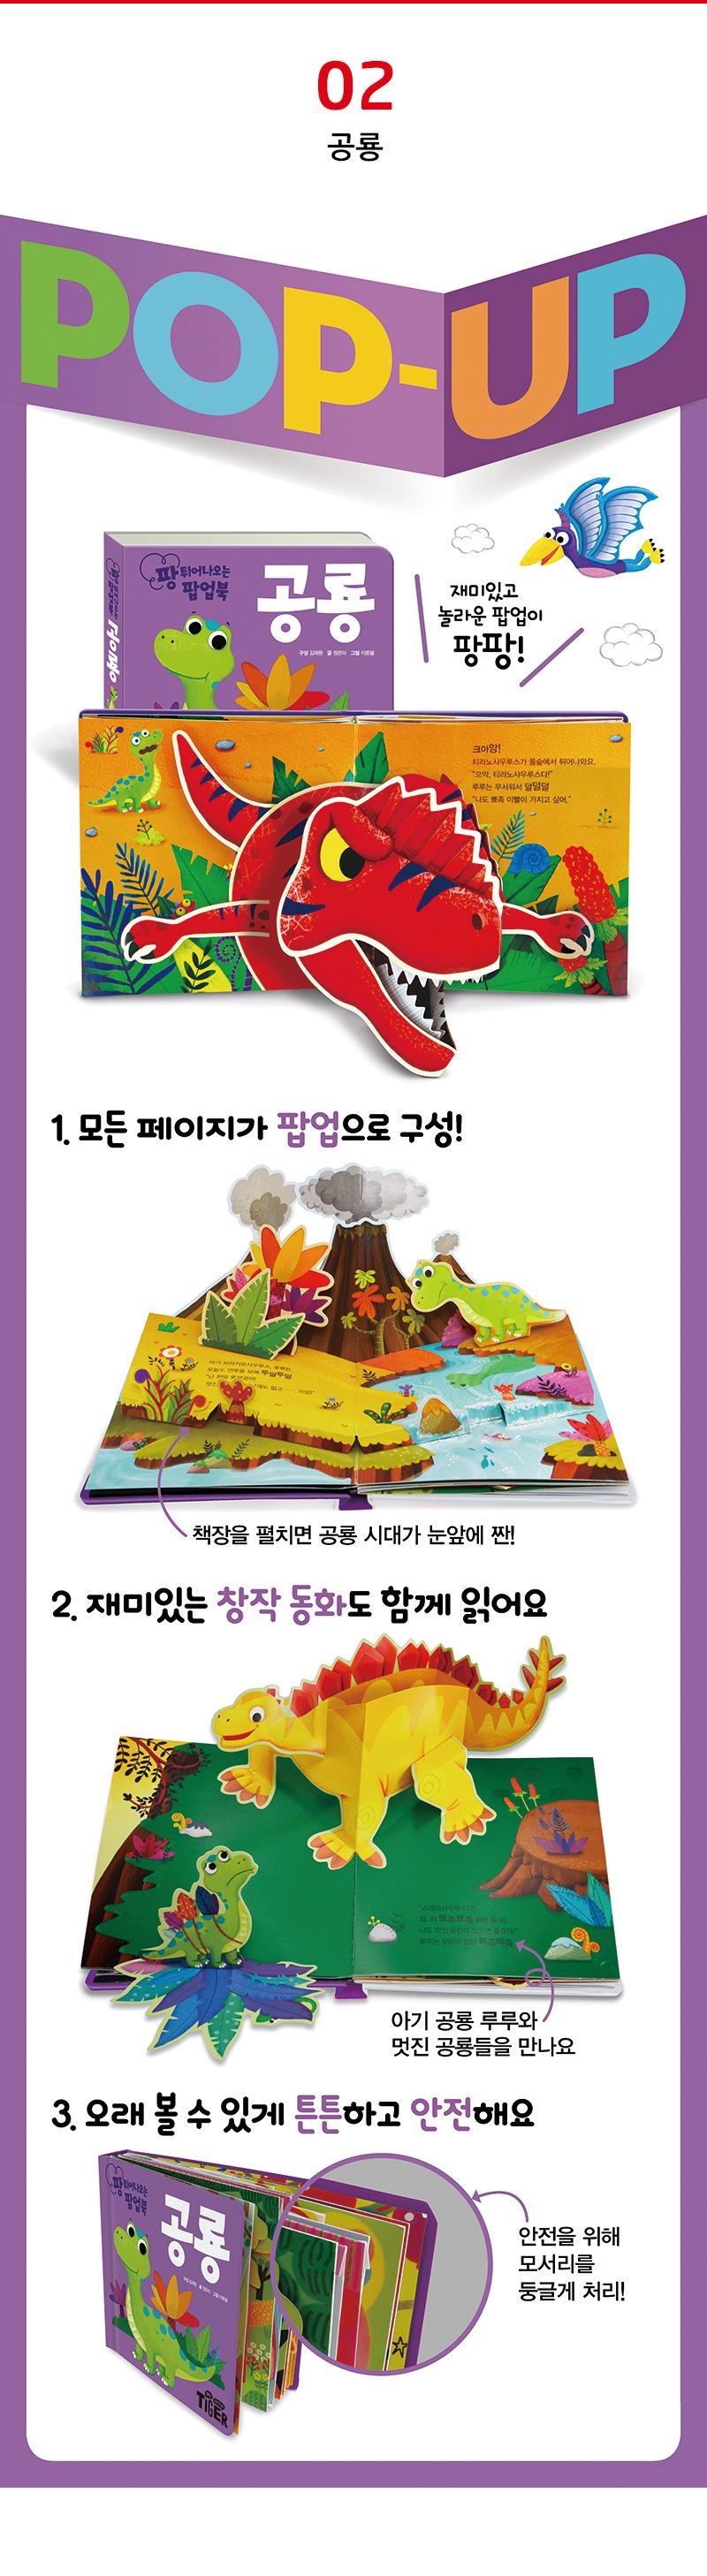 삼성출판사 <정가인하>NEW 팝업북 시리즈